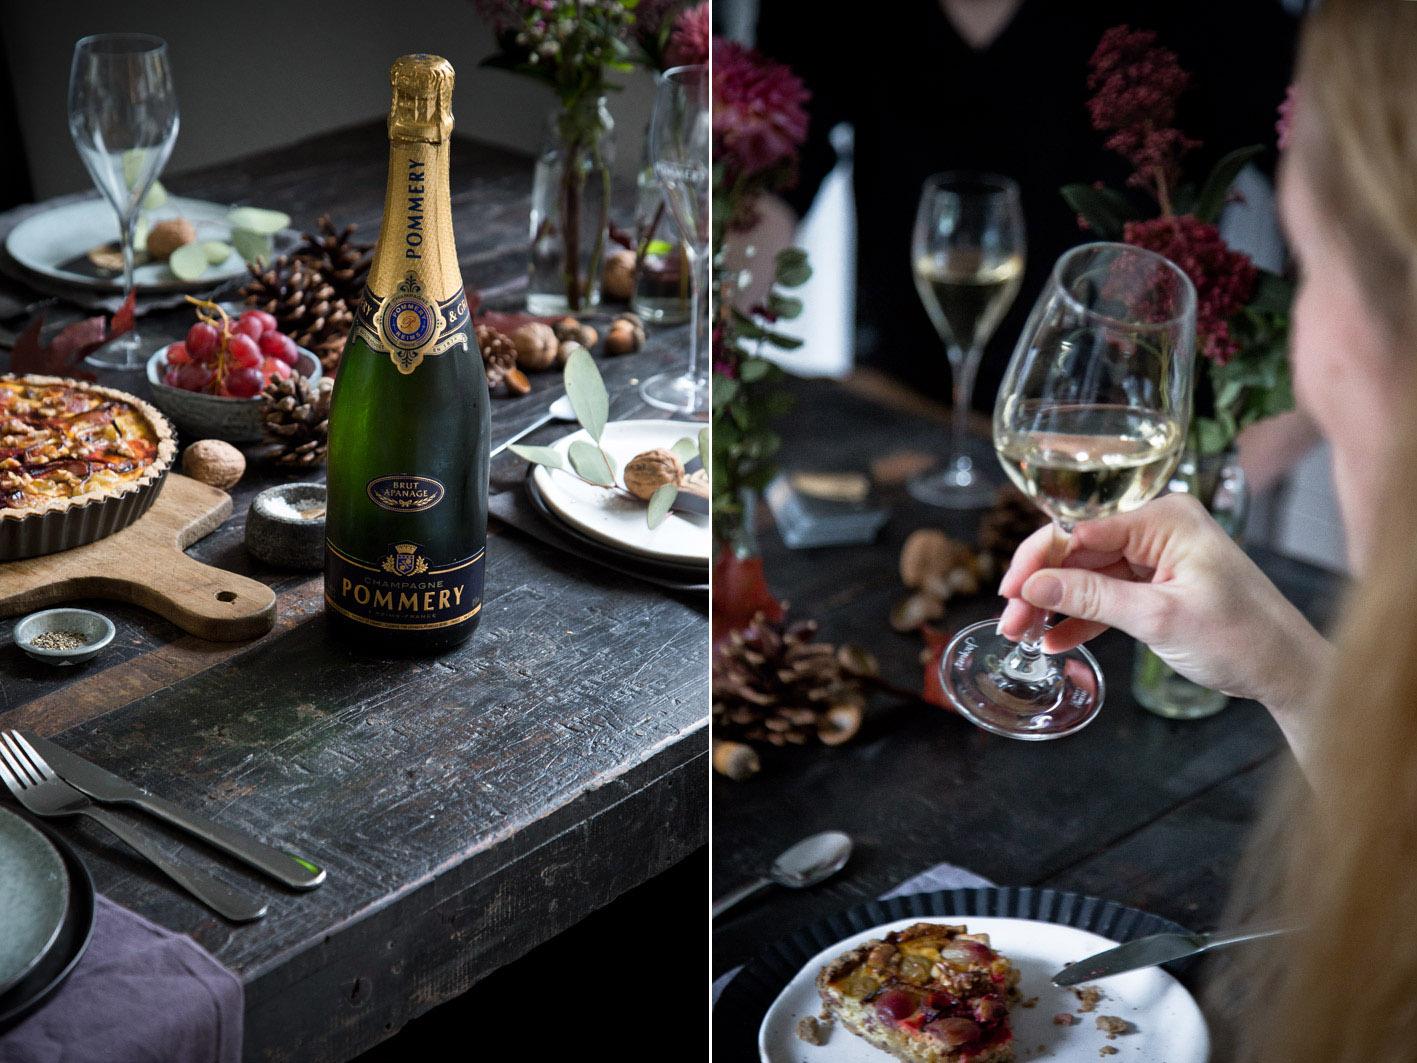 Flasche Champagner zu einem herbstlichen Dinner